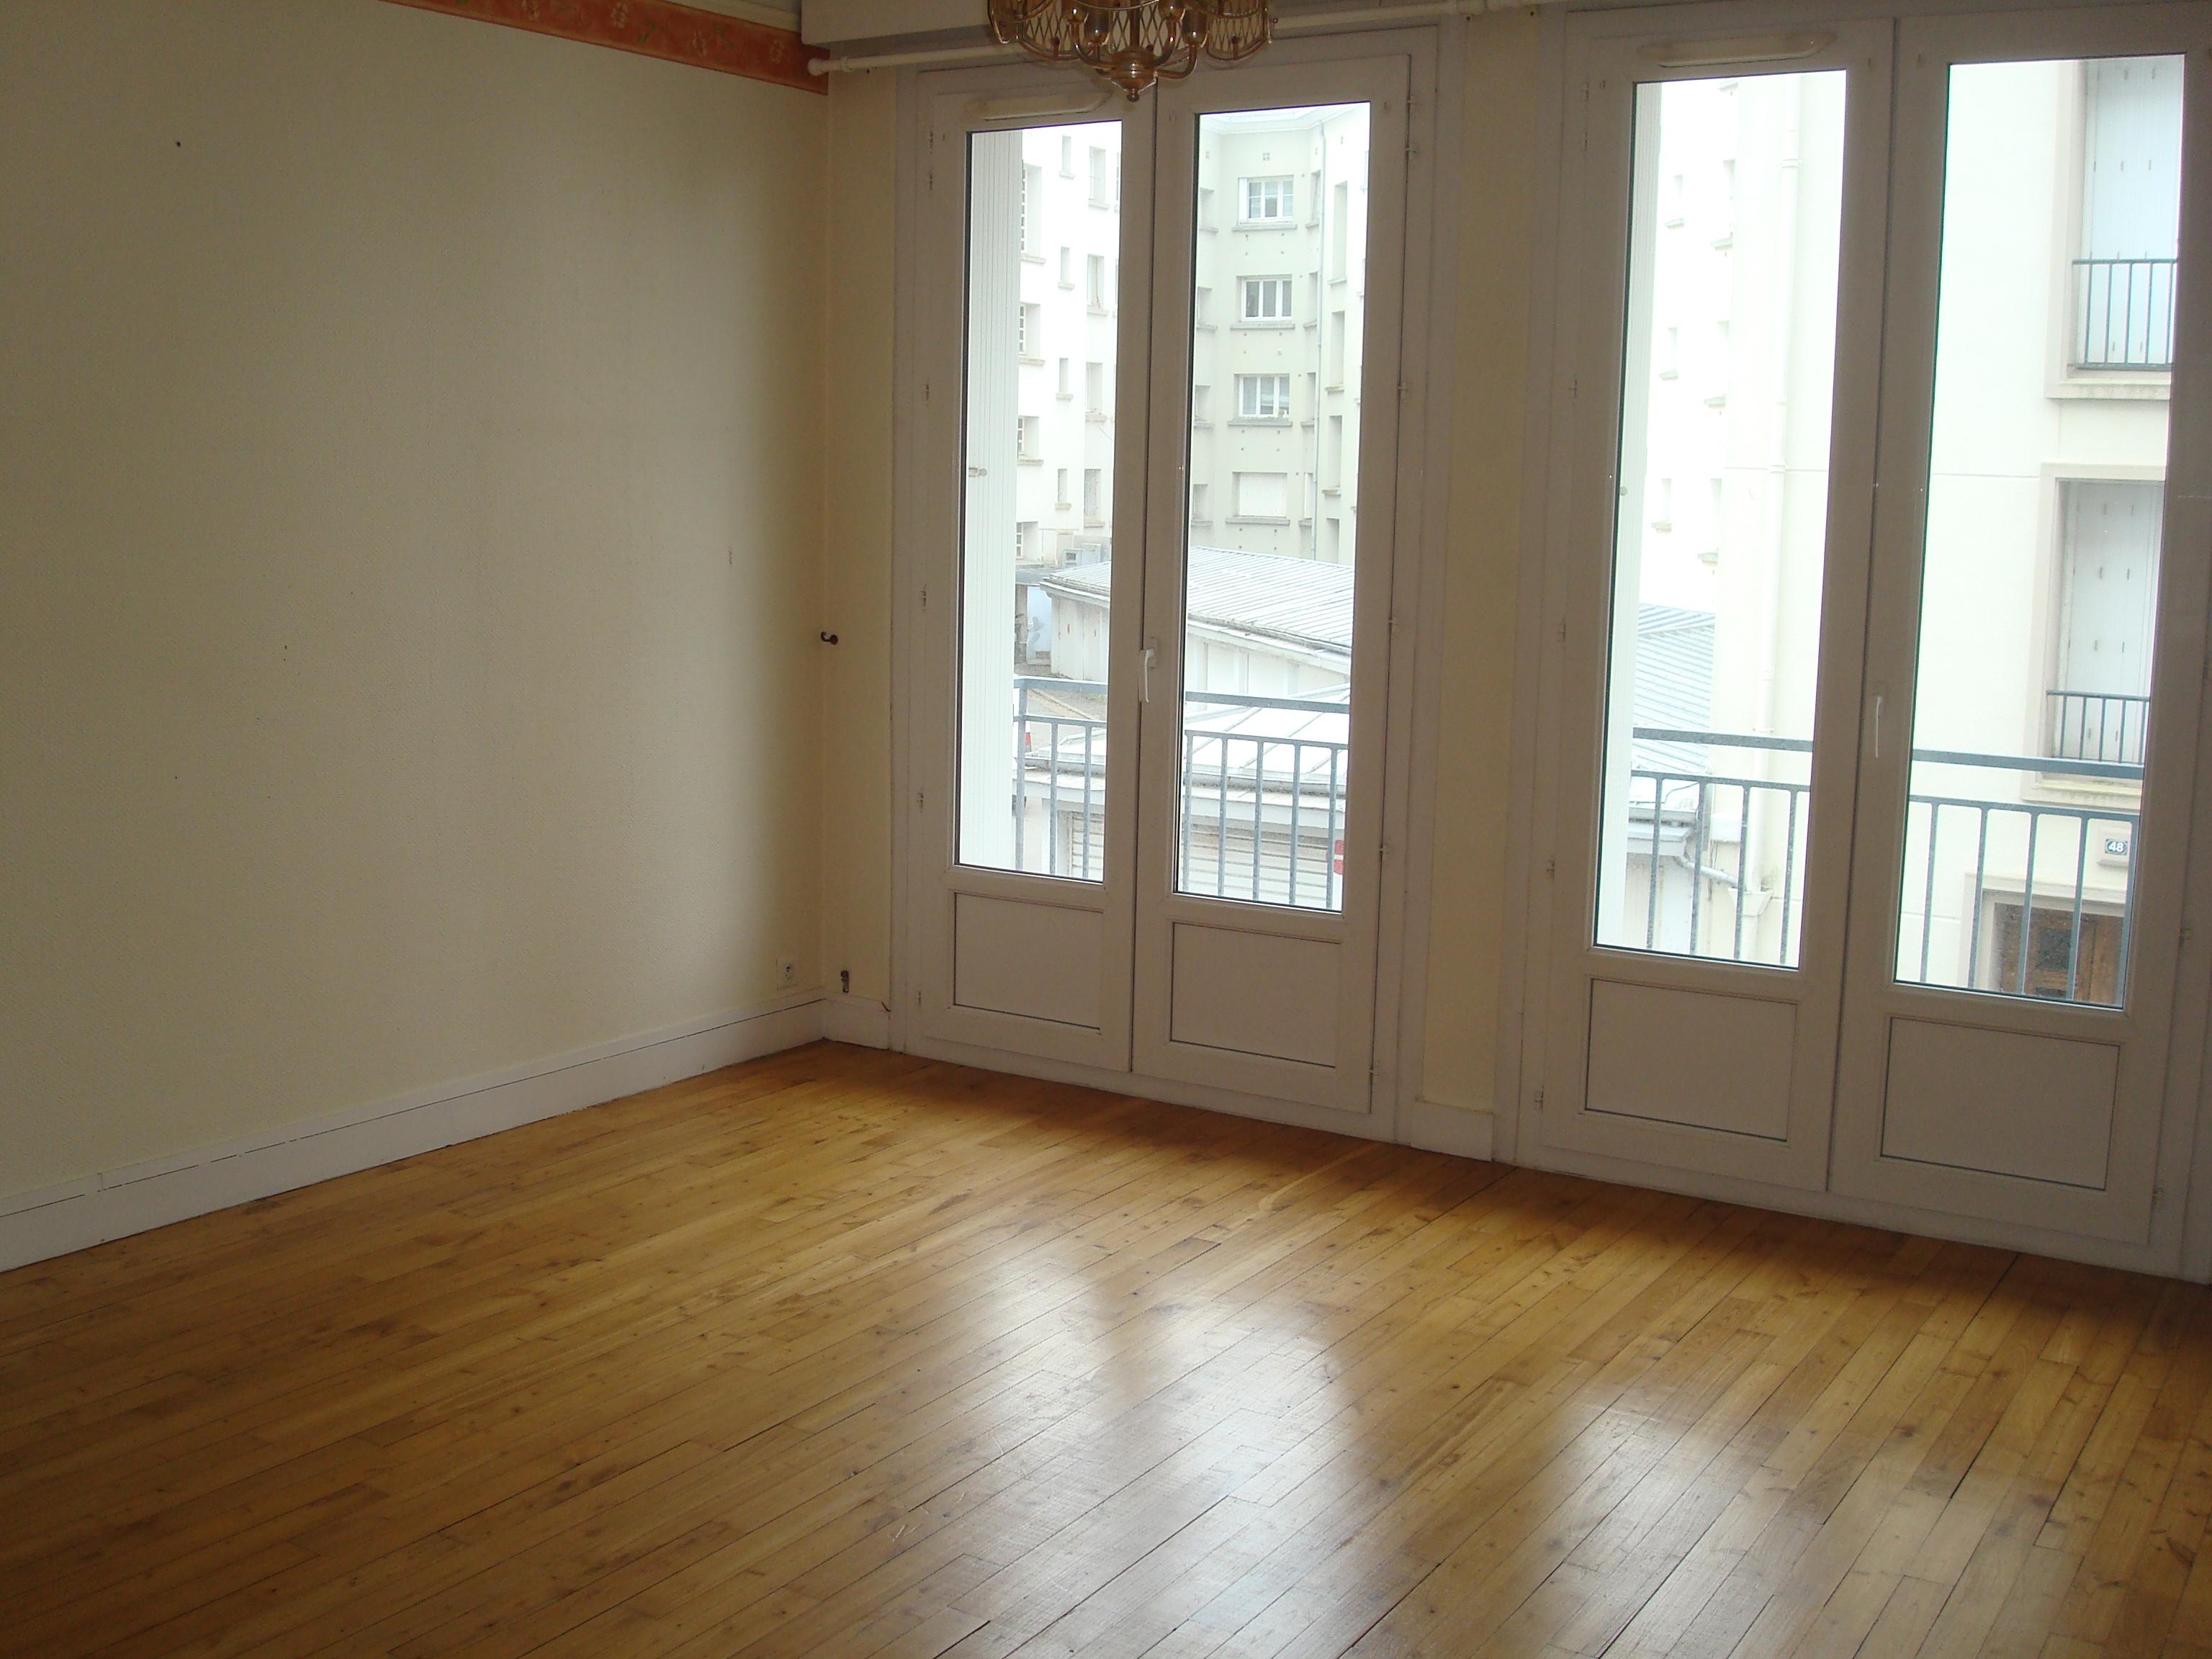 Appartement de 74 m2 brest centre 131 900 fai brest for Appartement agence